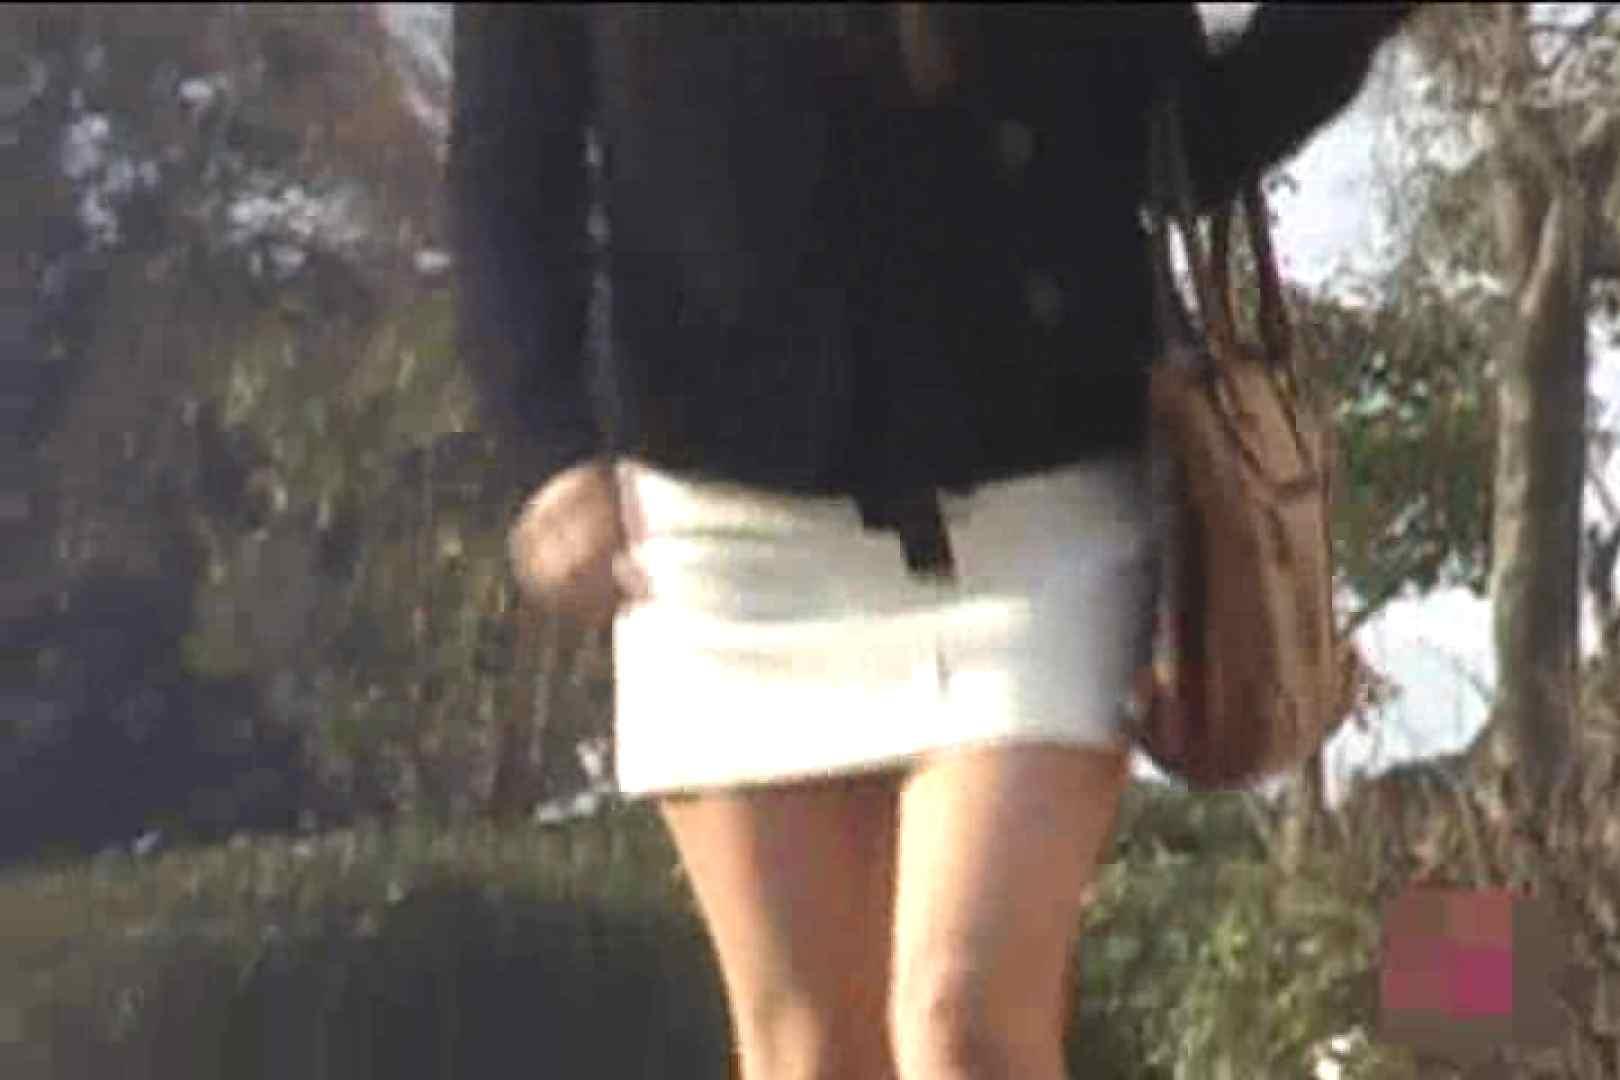 検証!隠し撮りスカートめくり!!Vol.7 ワルノリ | エロティックなOL  78画像 9